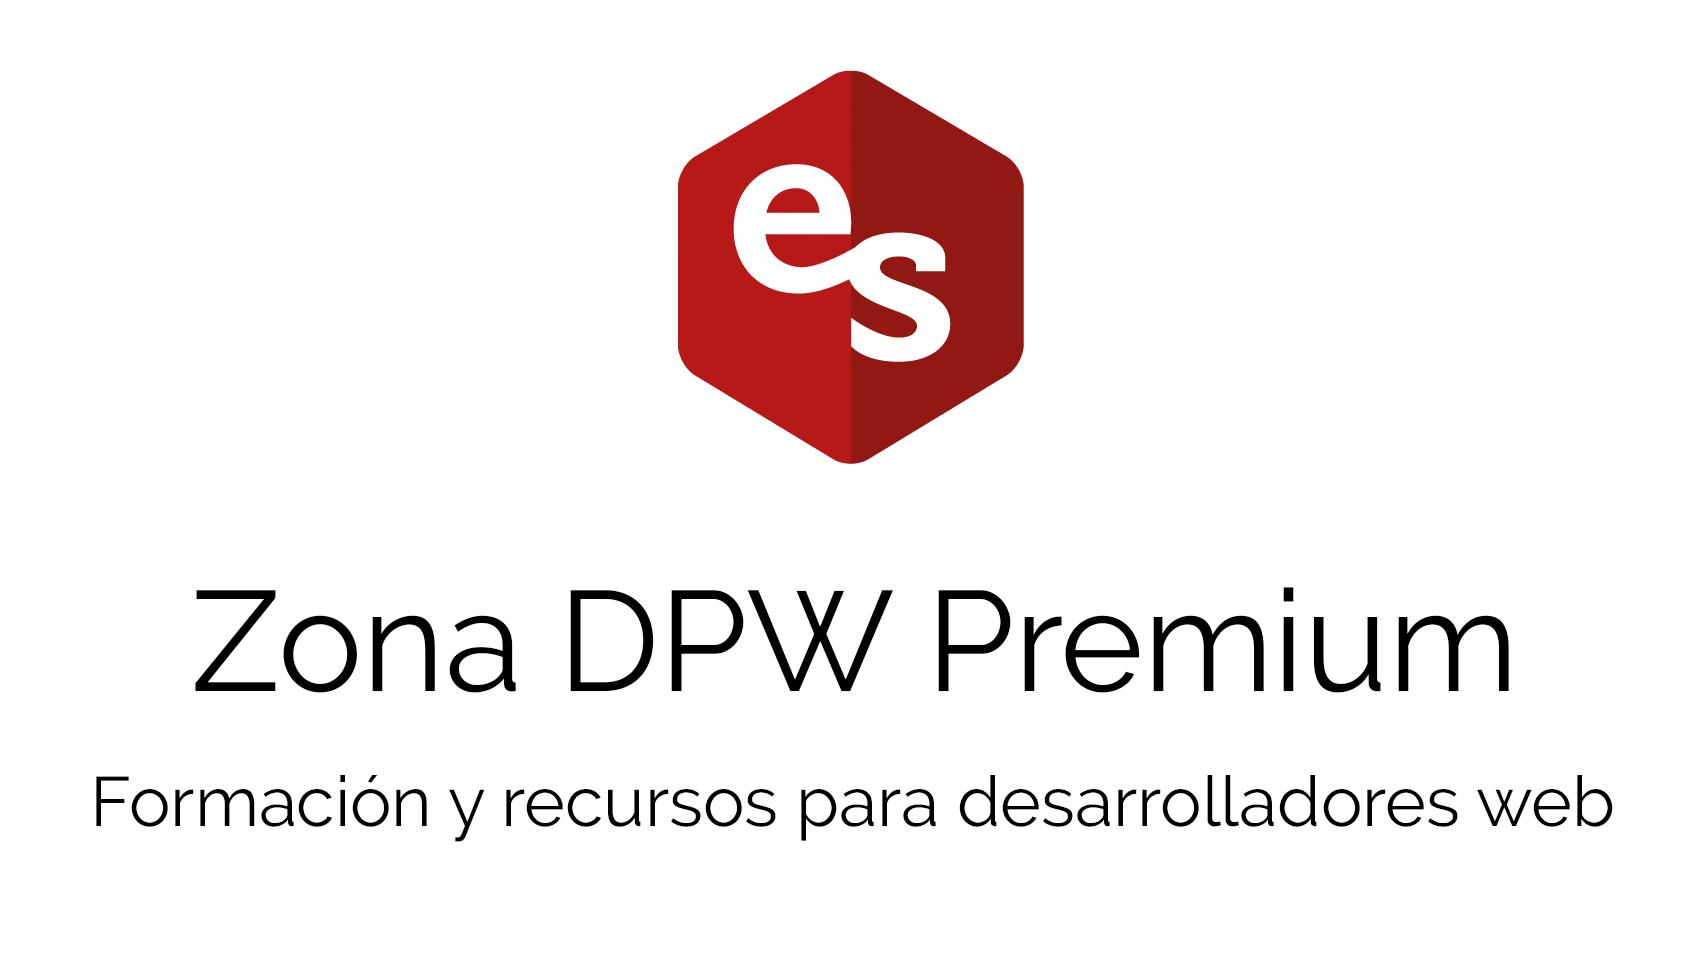 Zona DPW Premium